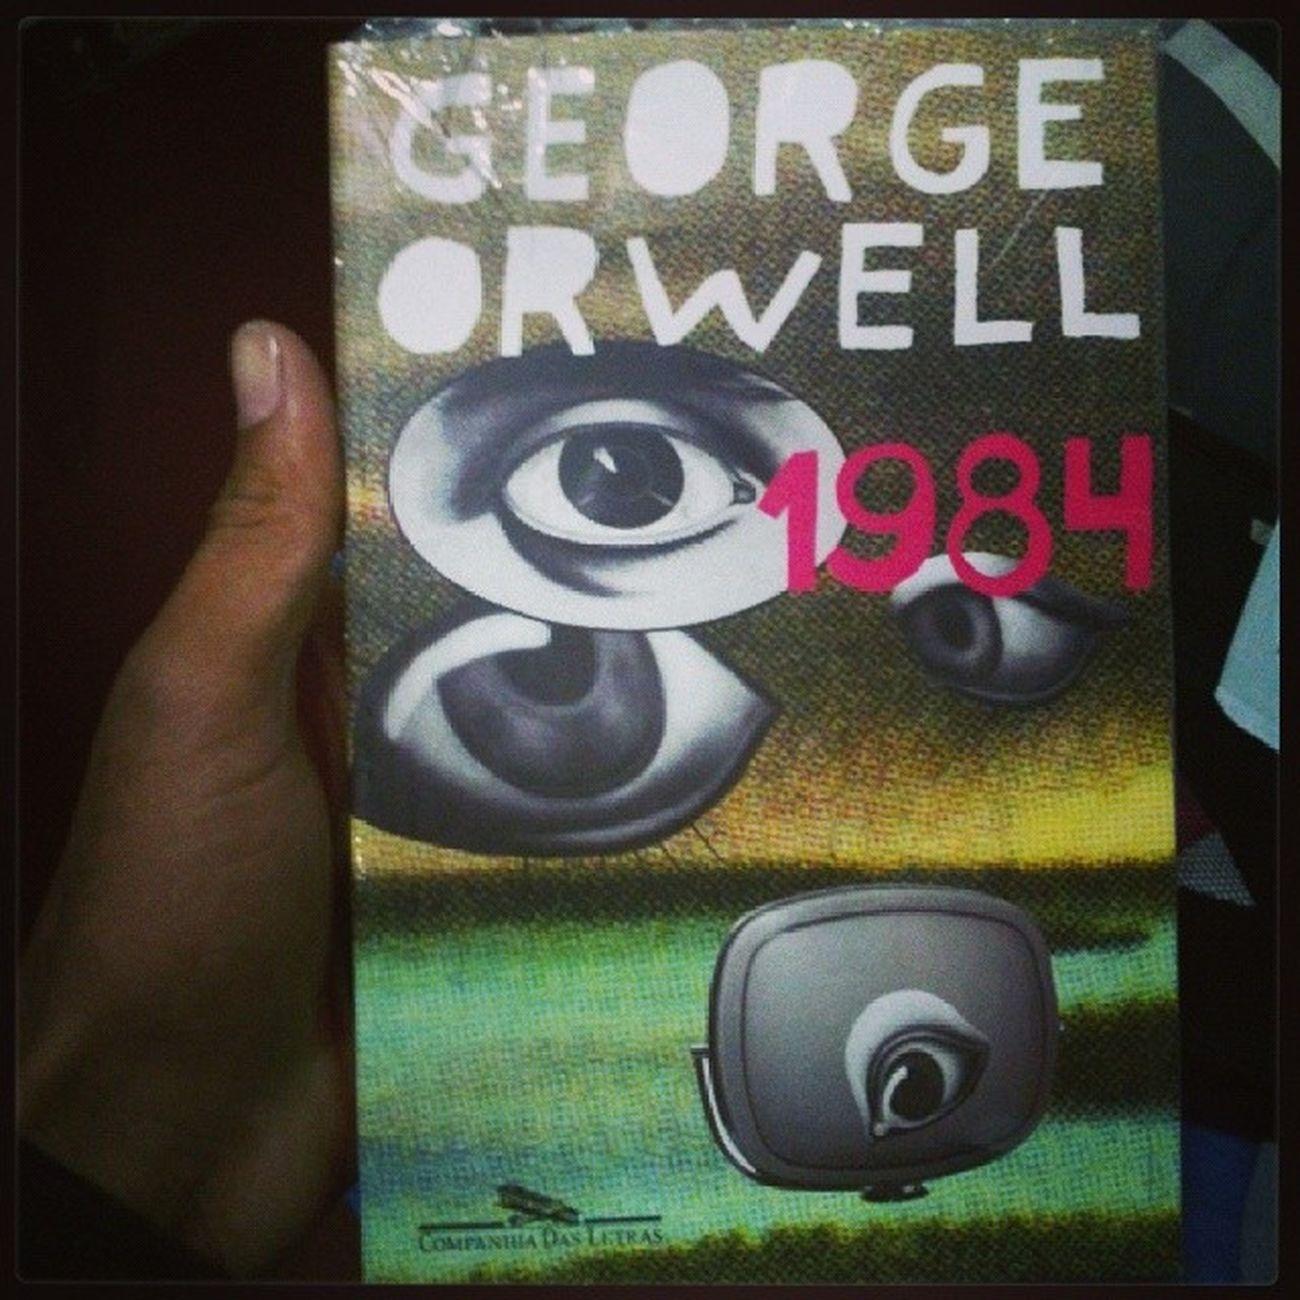 George orwell o cara que tem a manha... Livros , Curti , Sociologia